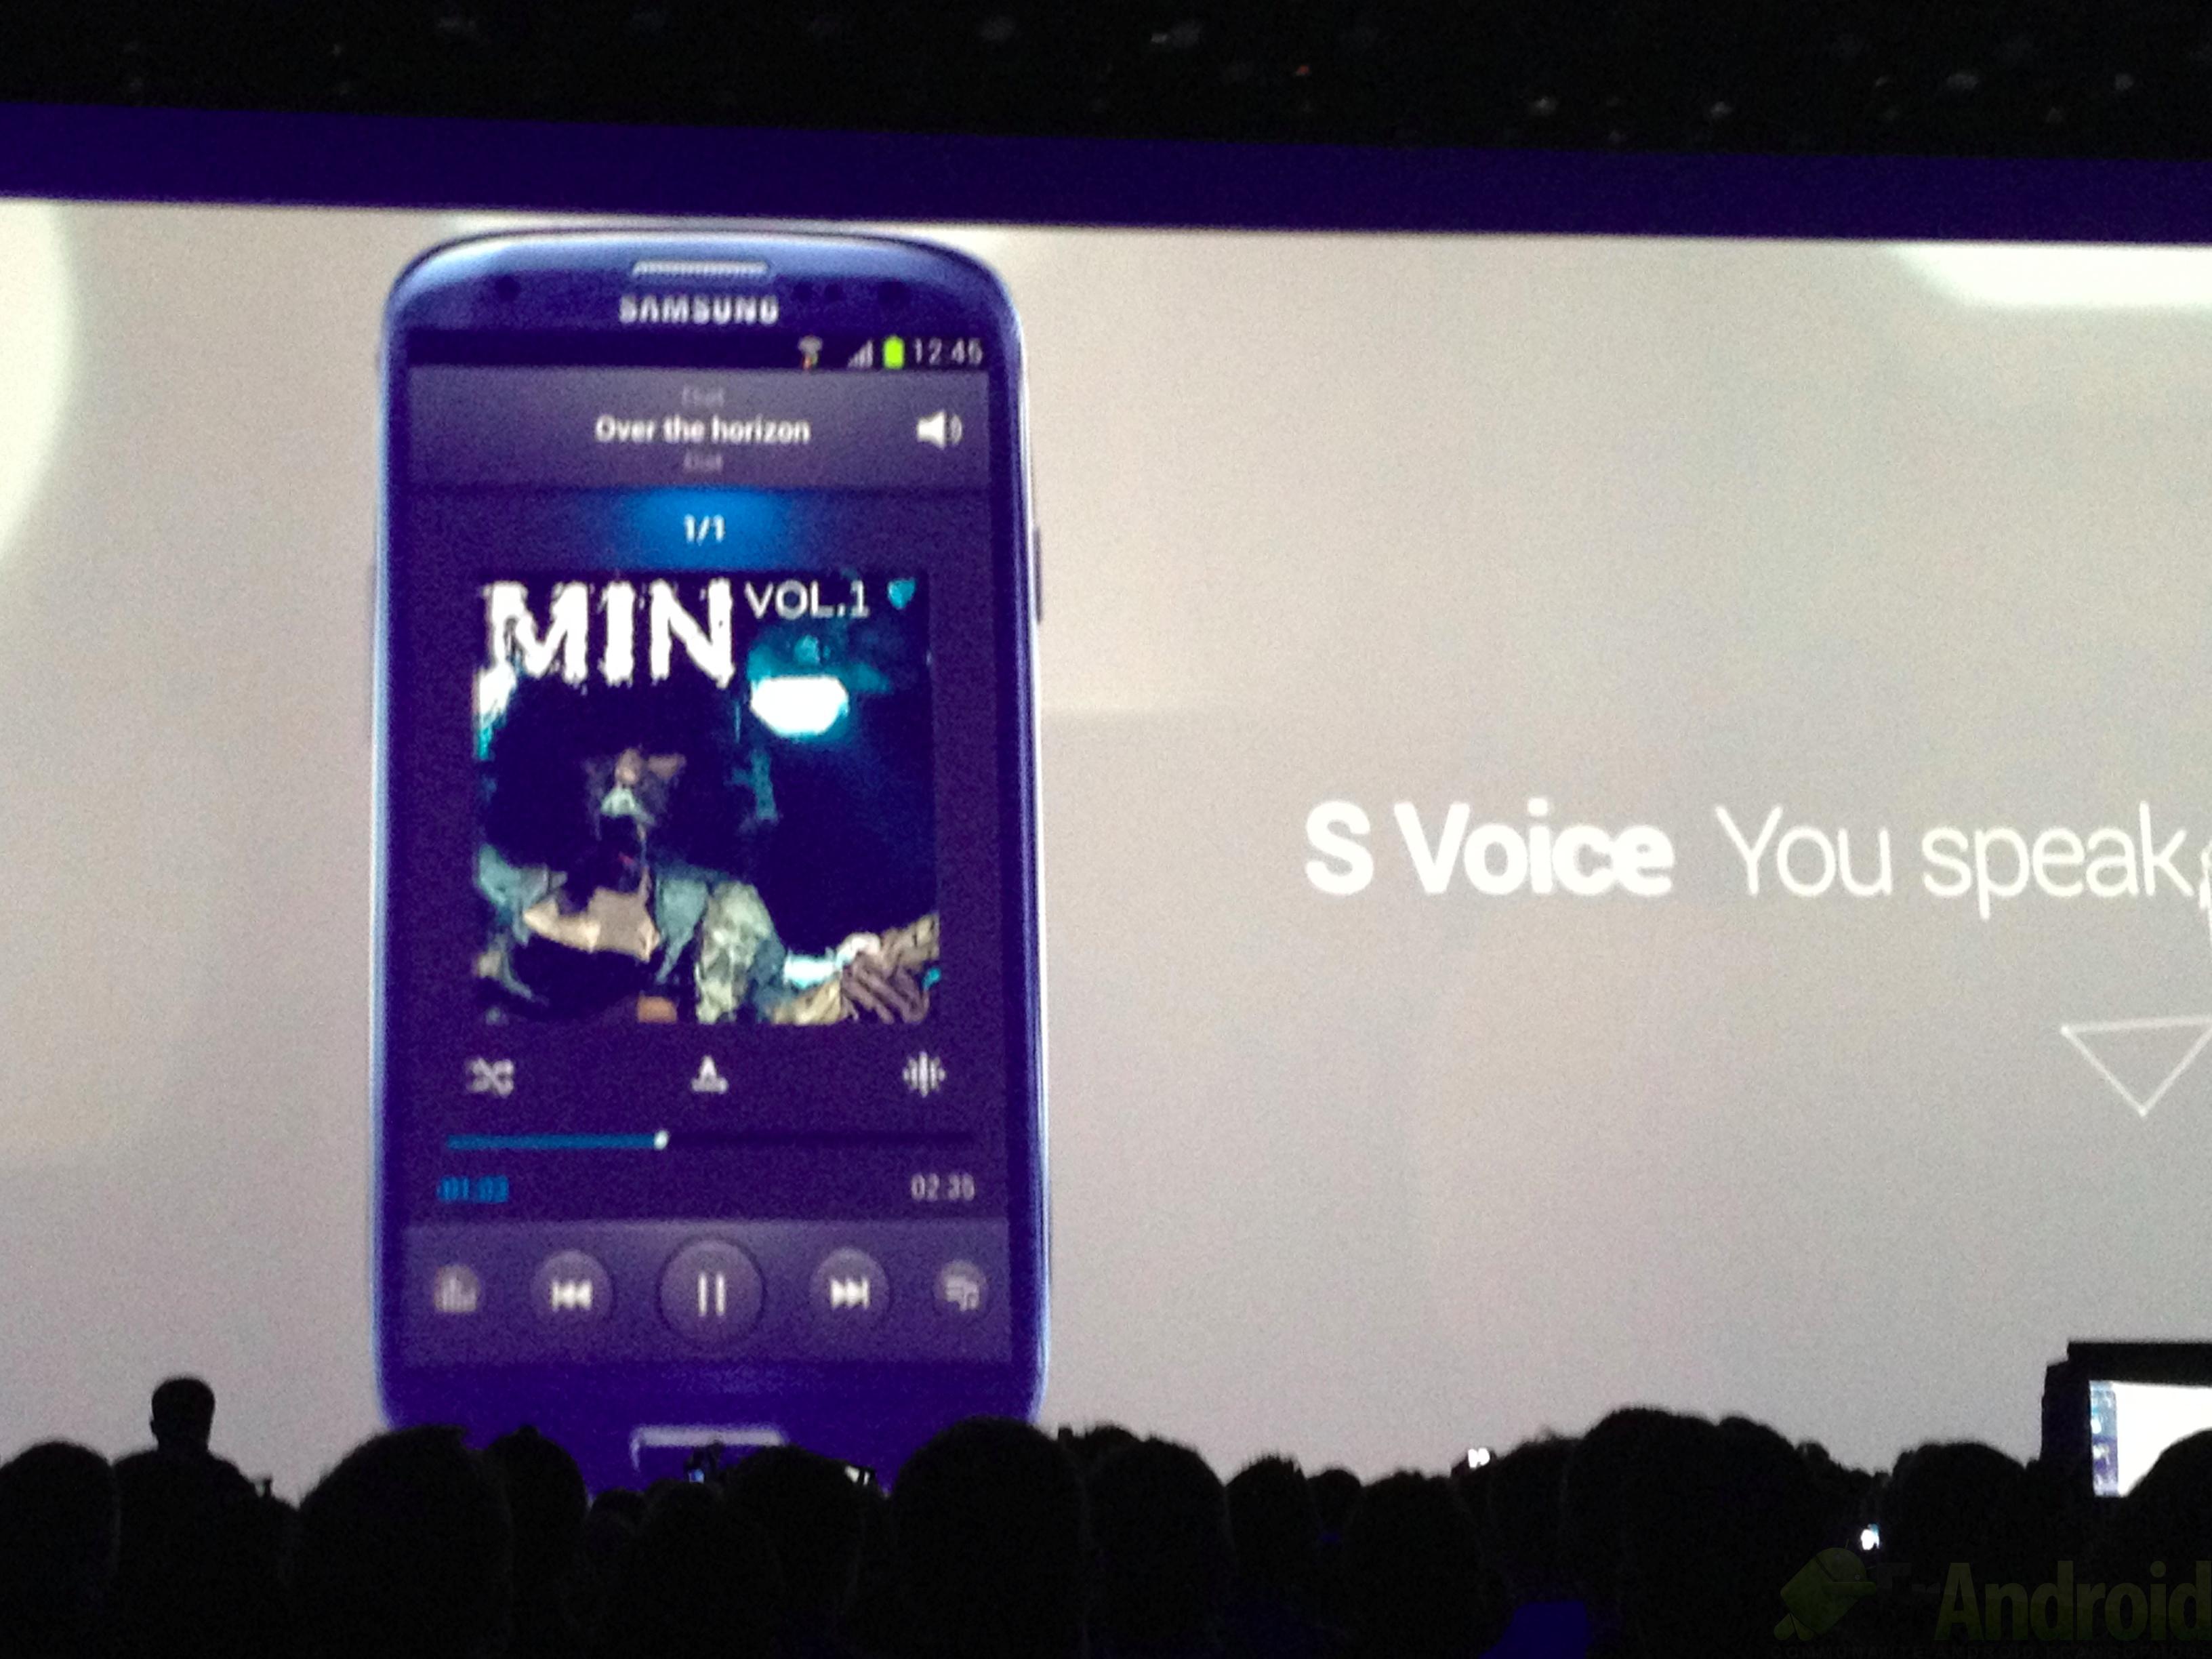 comment marche s voice galaxy s3